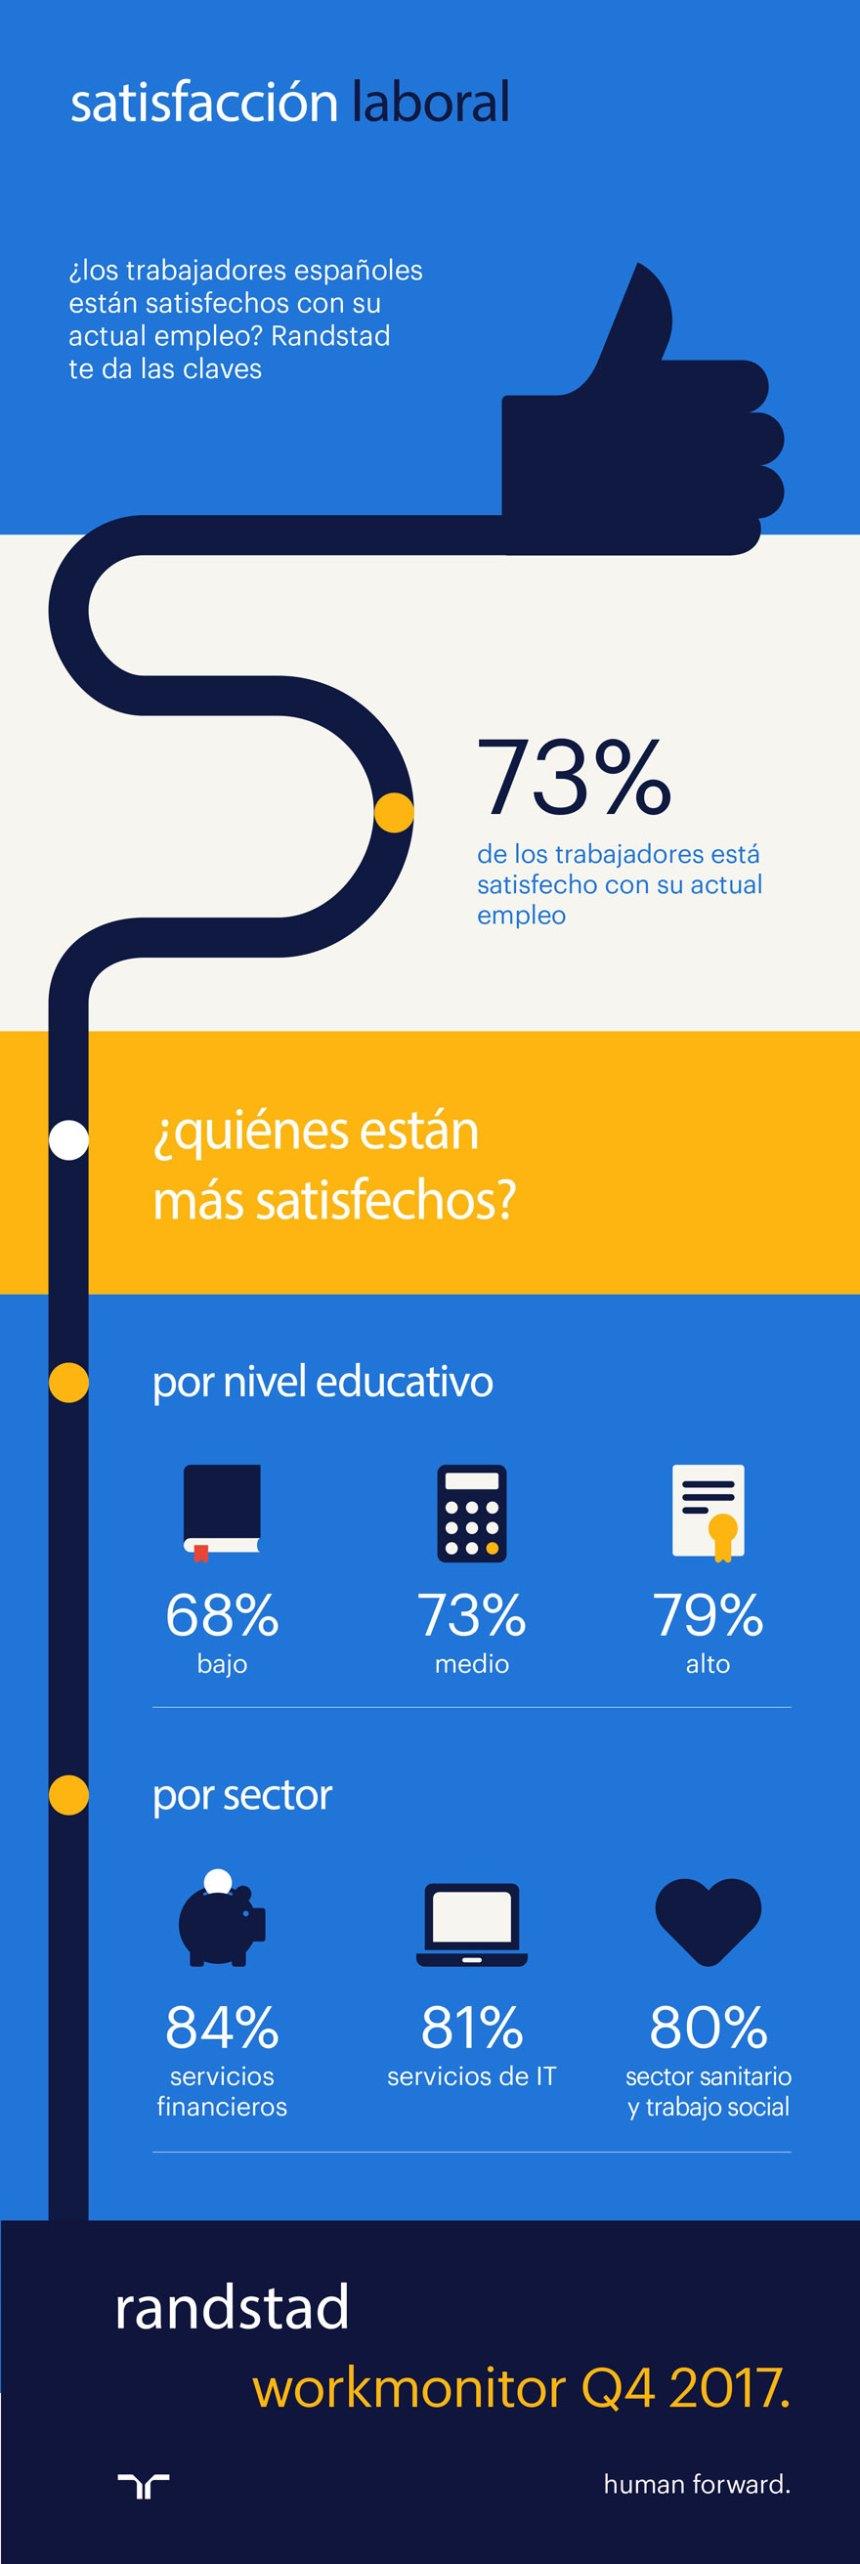 ¿Estamos los españoles satisfechos con nuestro empleo actual?